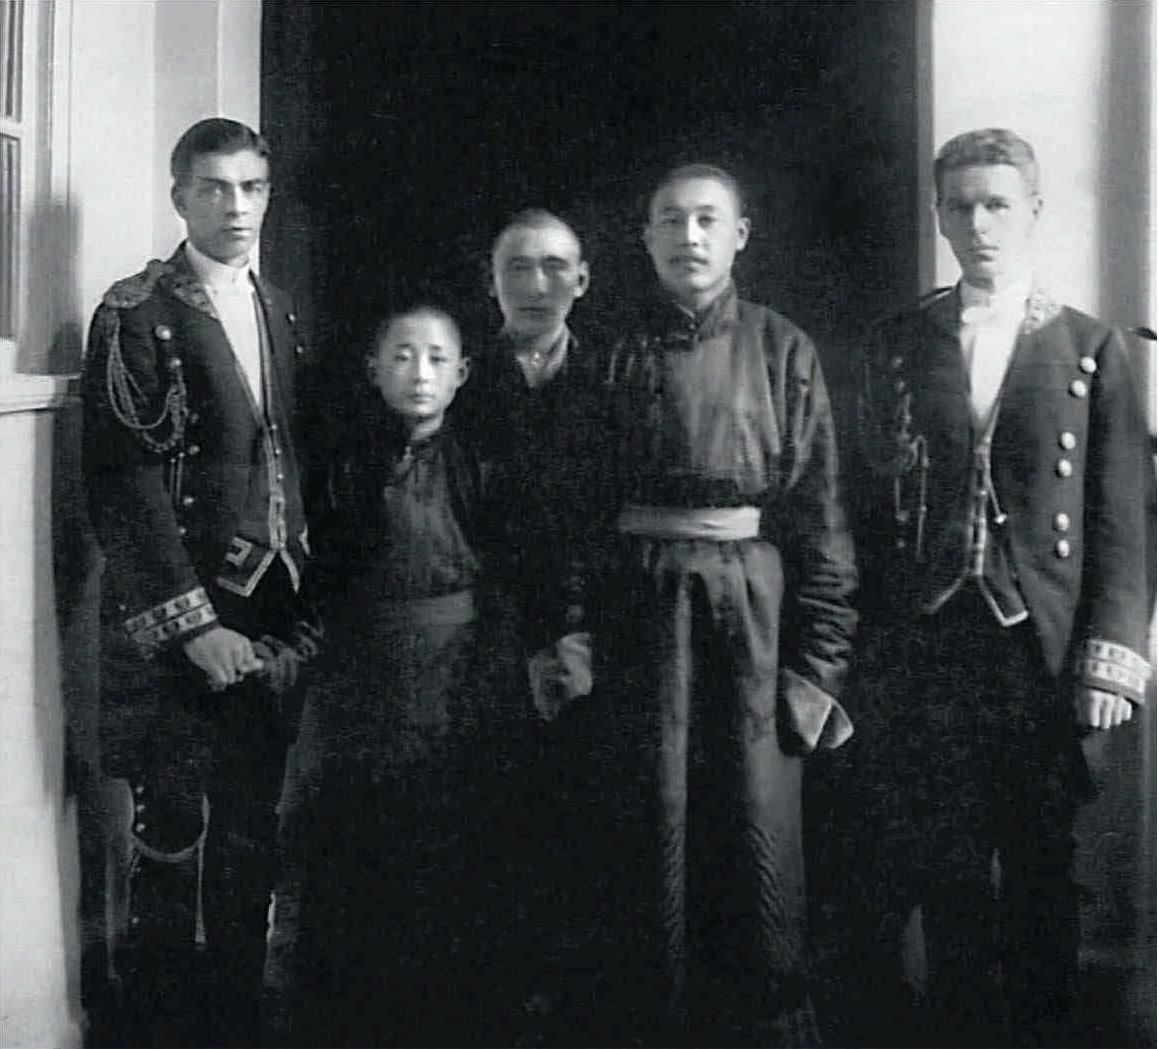 1913. Члены монгольской делегации и лакеи Высочайшего двора в Зимнем дворце